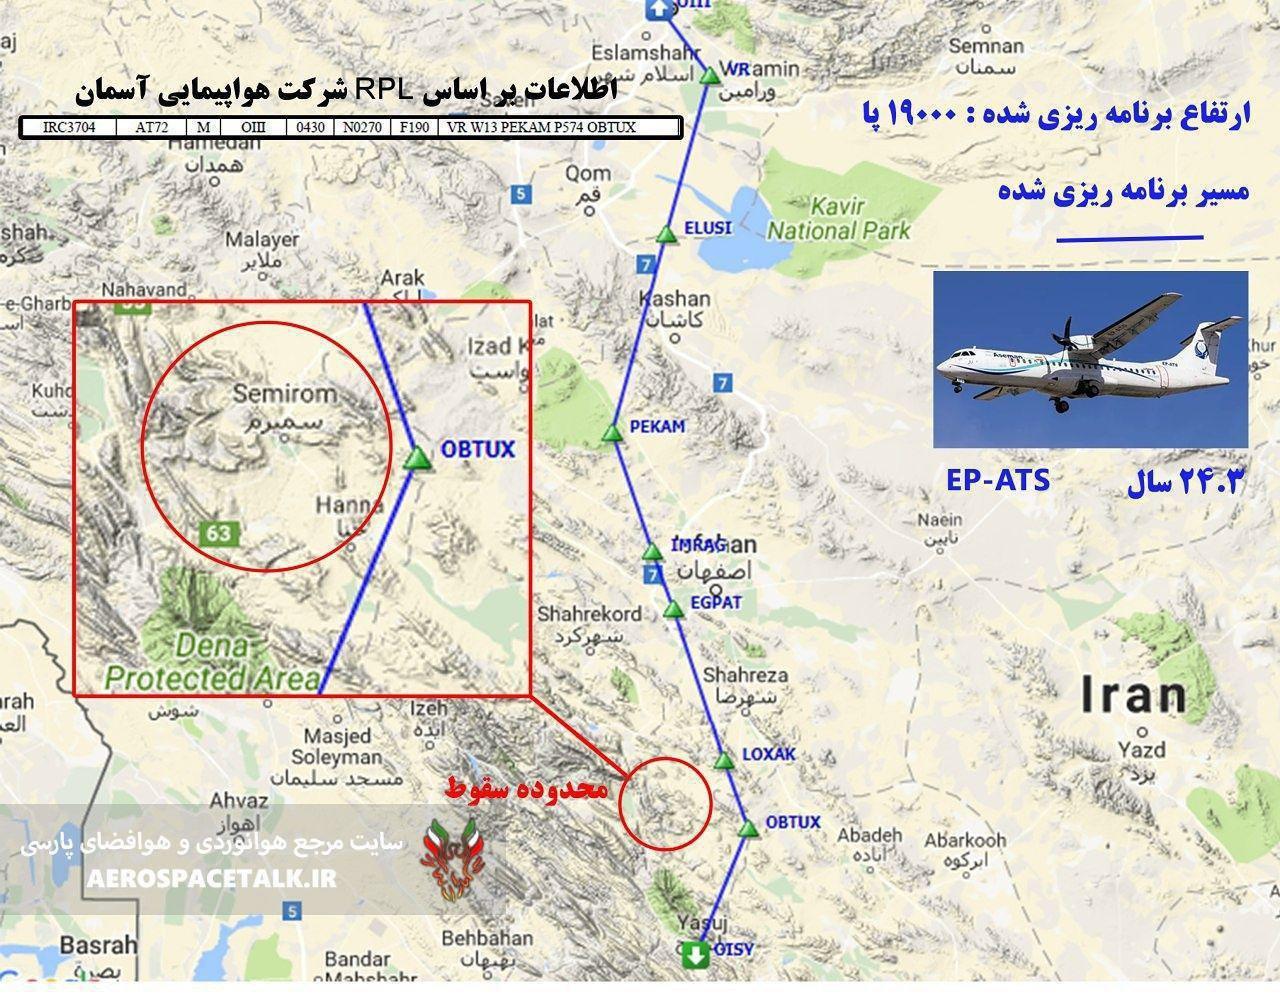 پرواز تهران - یاسوج ناپدید شد/ تمام سرنشینان جان باختند +فیلم و تصاویر